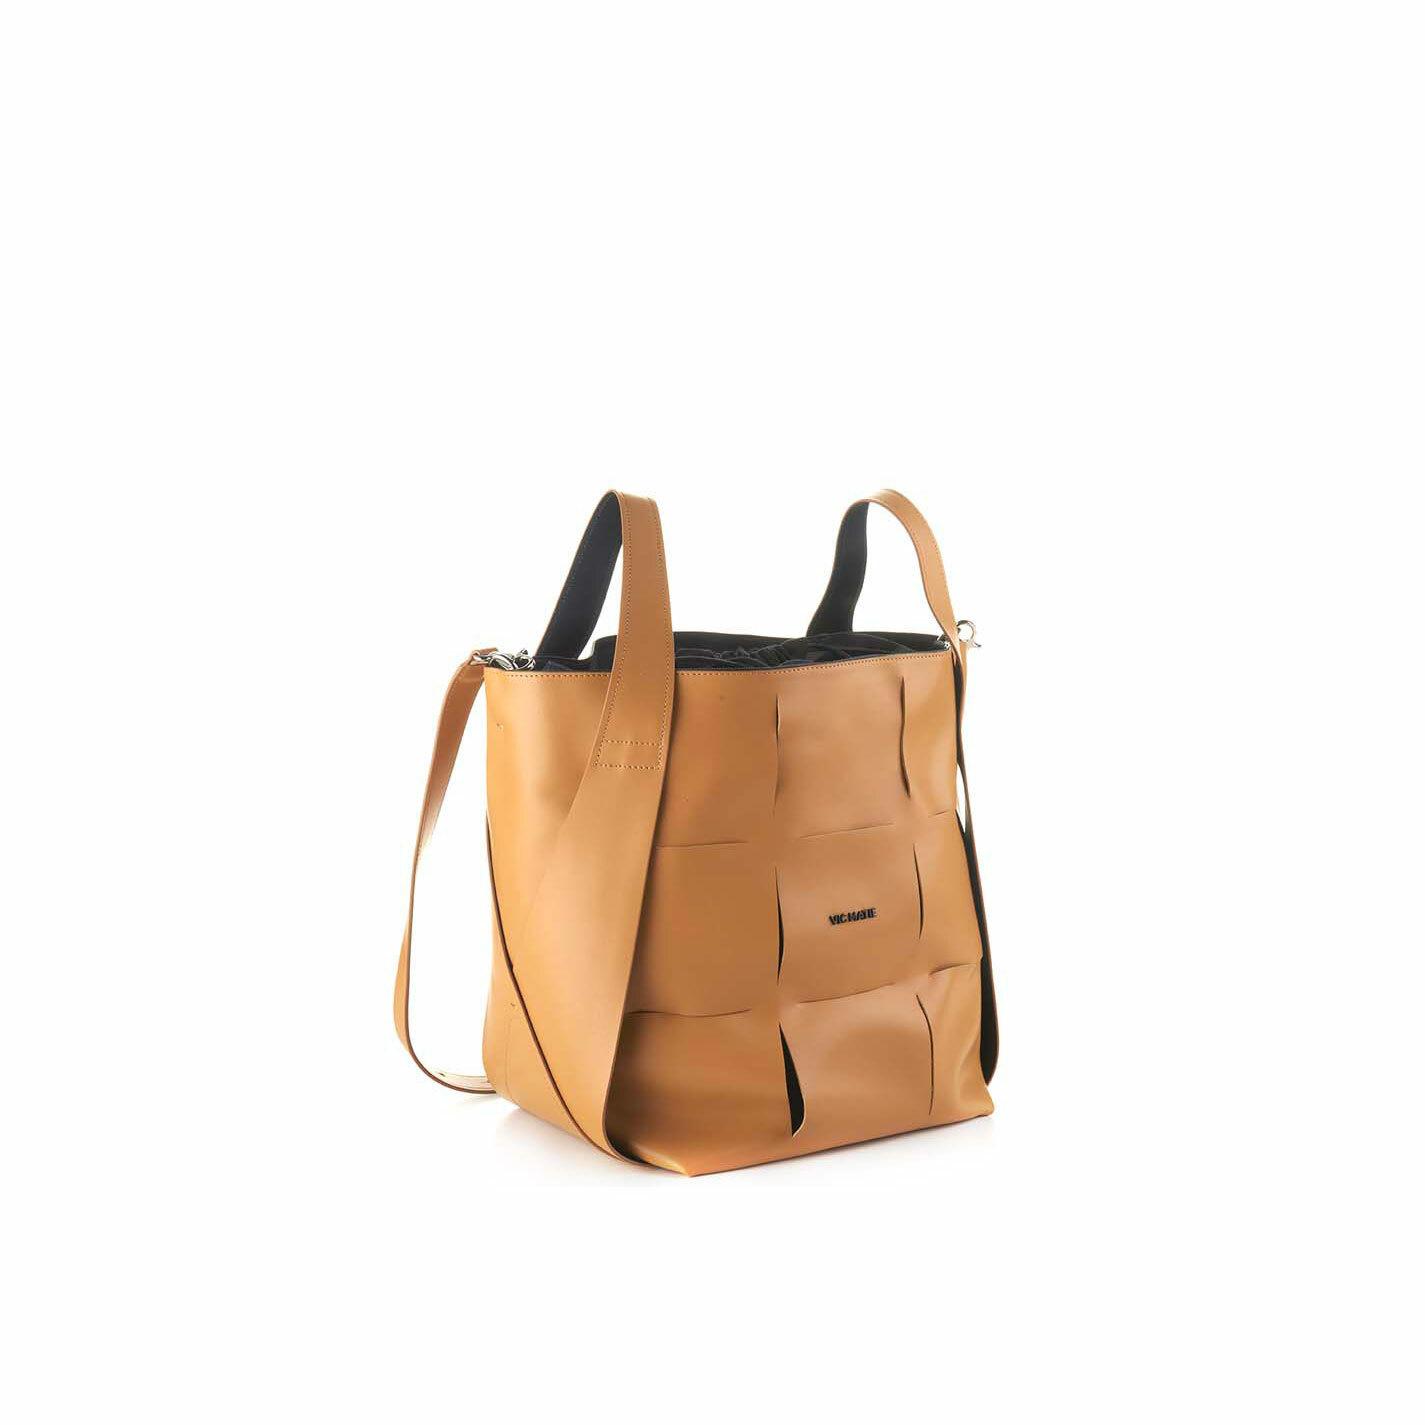 Nadege<br />Large tan-brown leather bucket bag